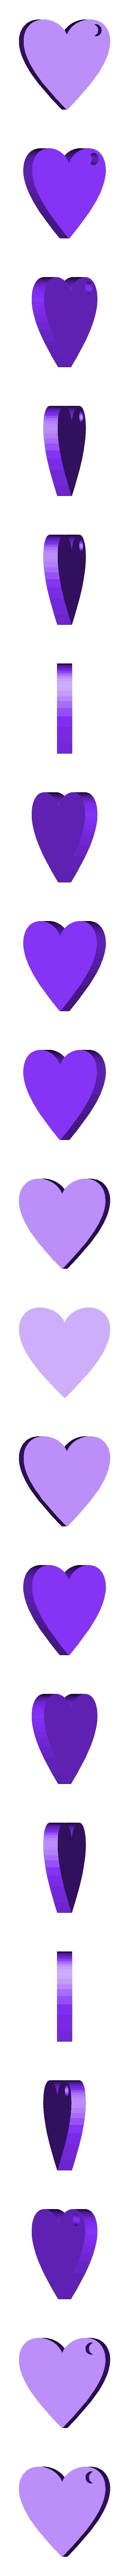 LidHeartBox01.stl Télécharger fichier STL gratuit Boîte de coeur modulaire pour la Saint-Valentin • Design pour impression 3D, Darkolas